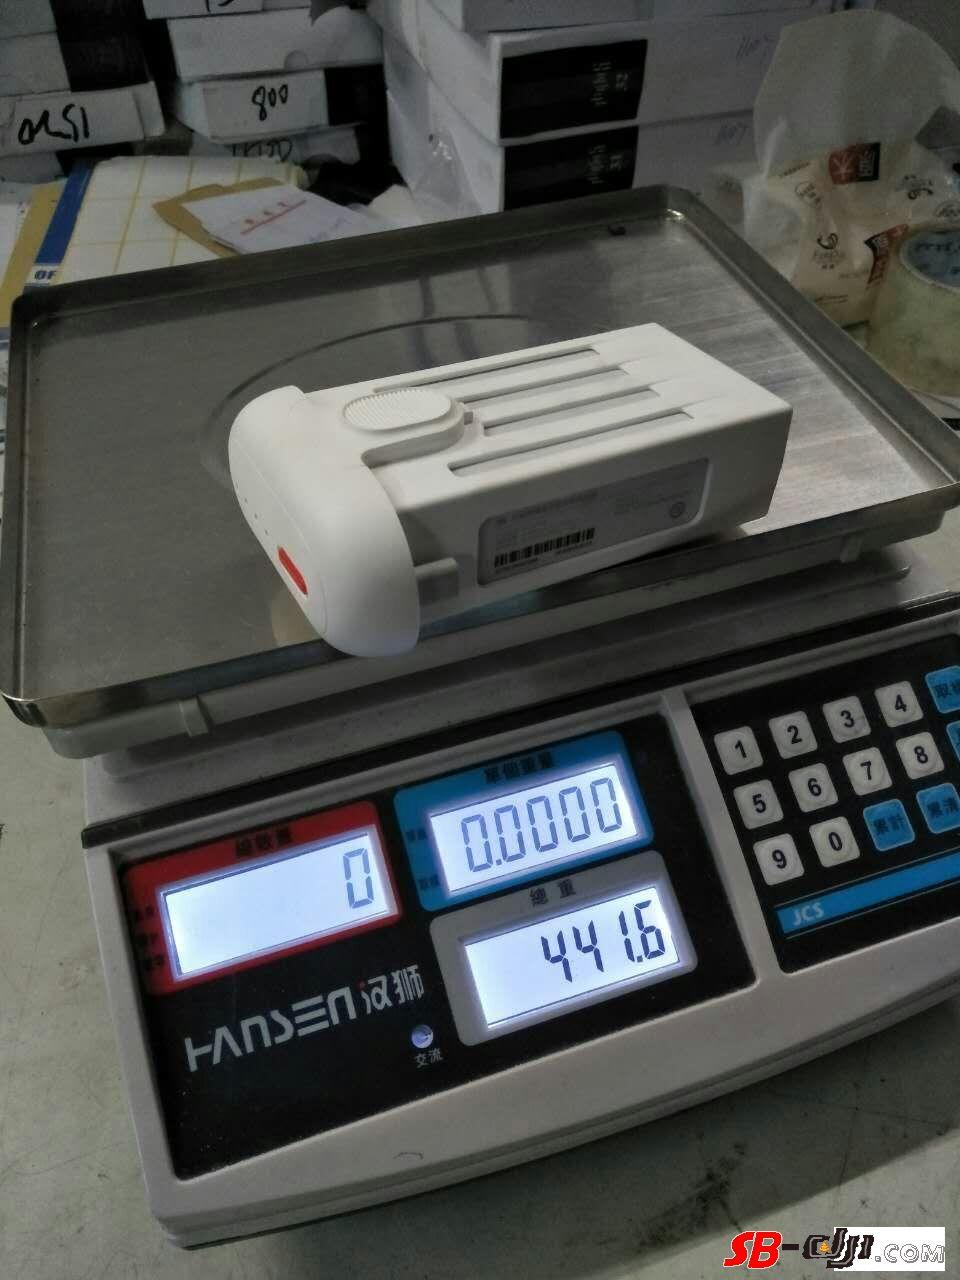 同样都是新电池,容量和重量差距怎么这么大